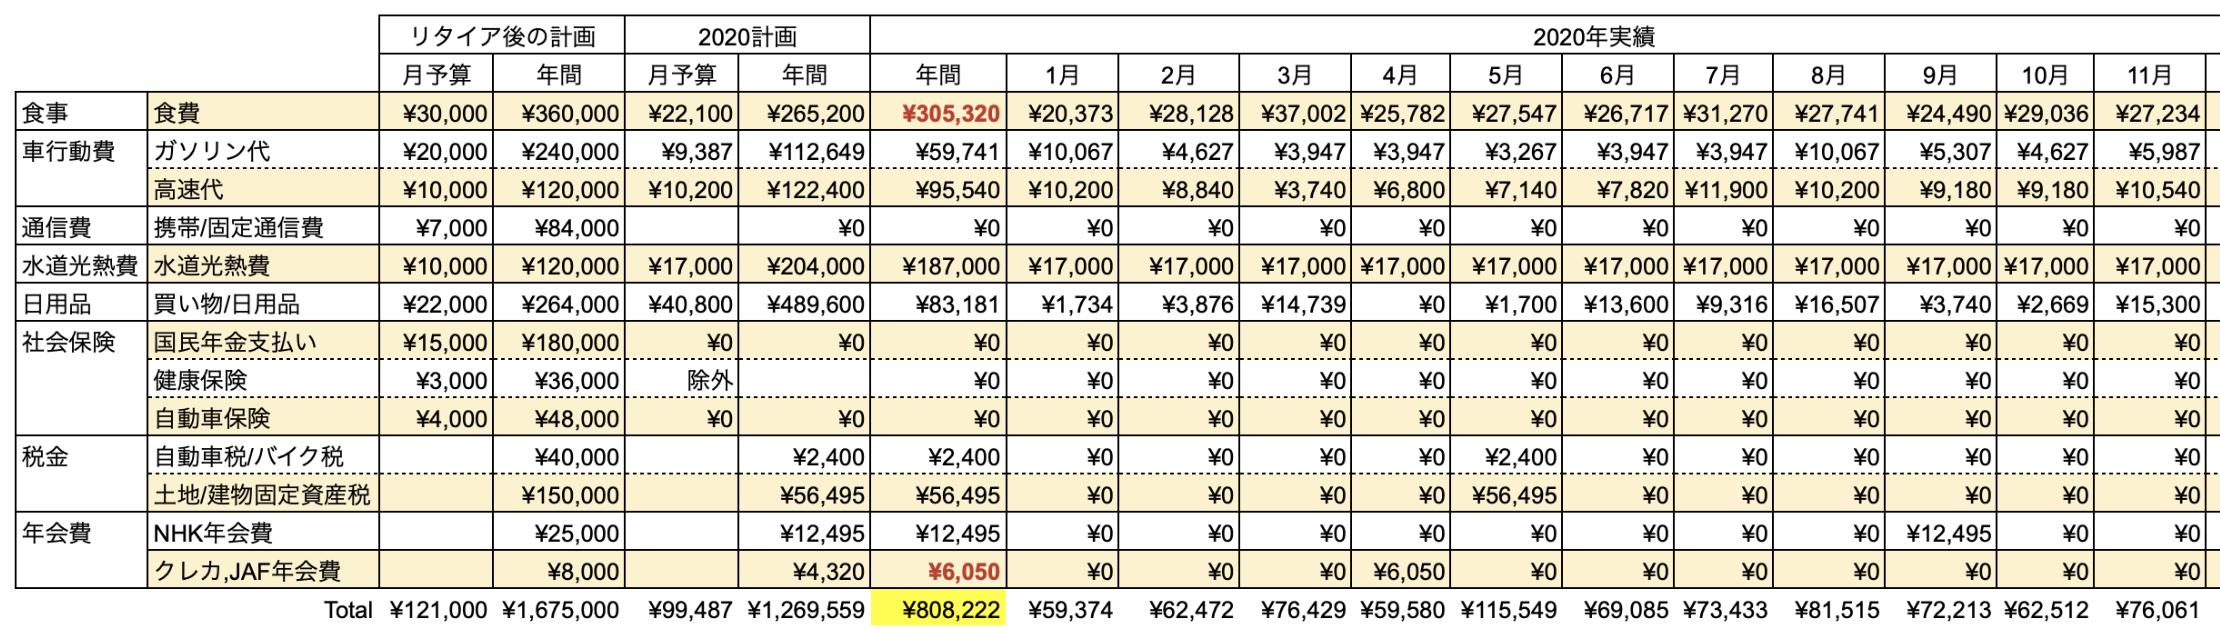 支出実績2020_11月_生活費